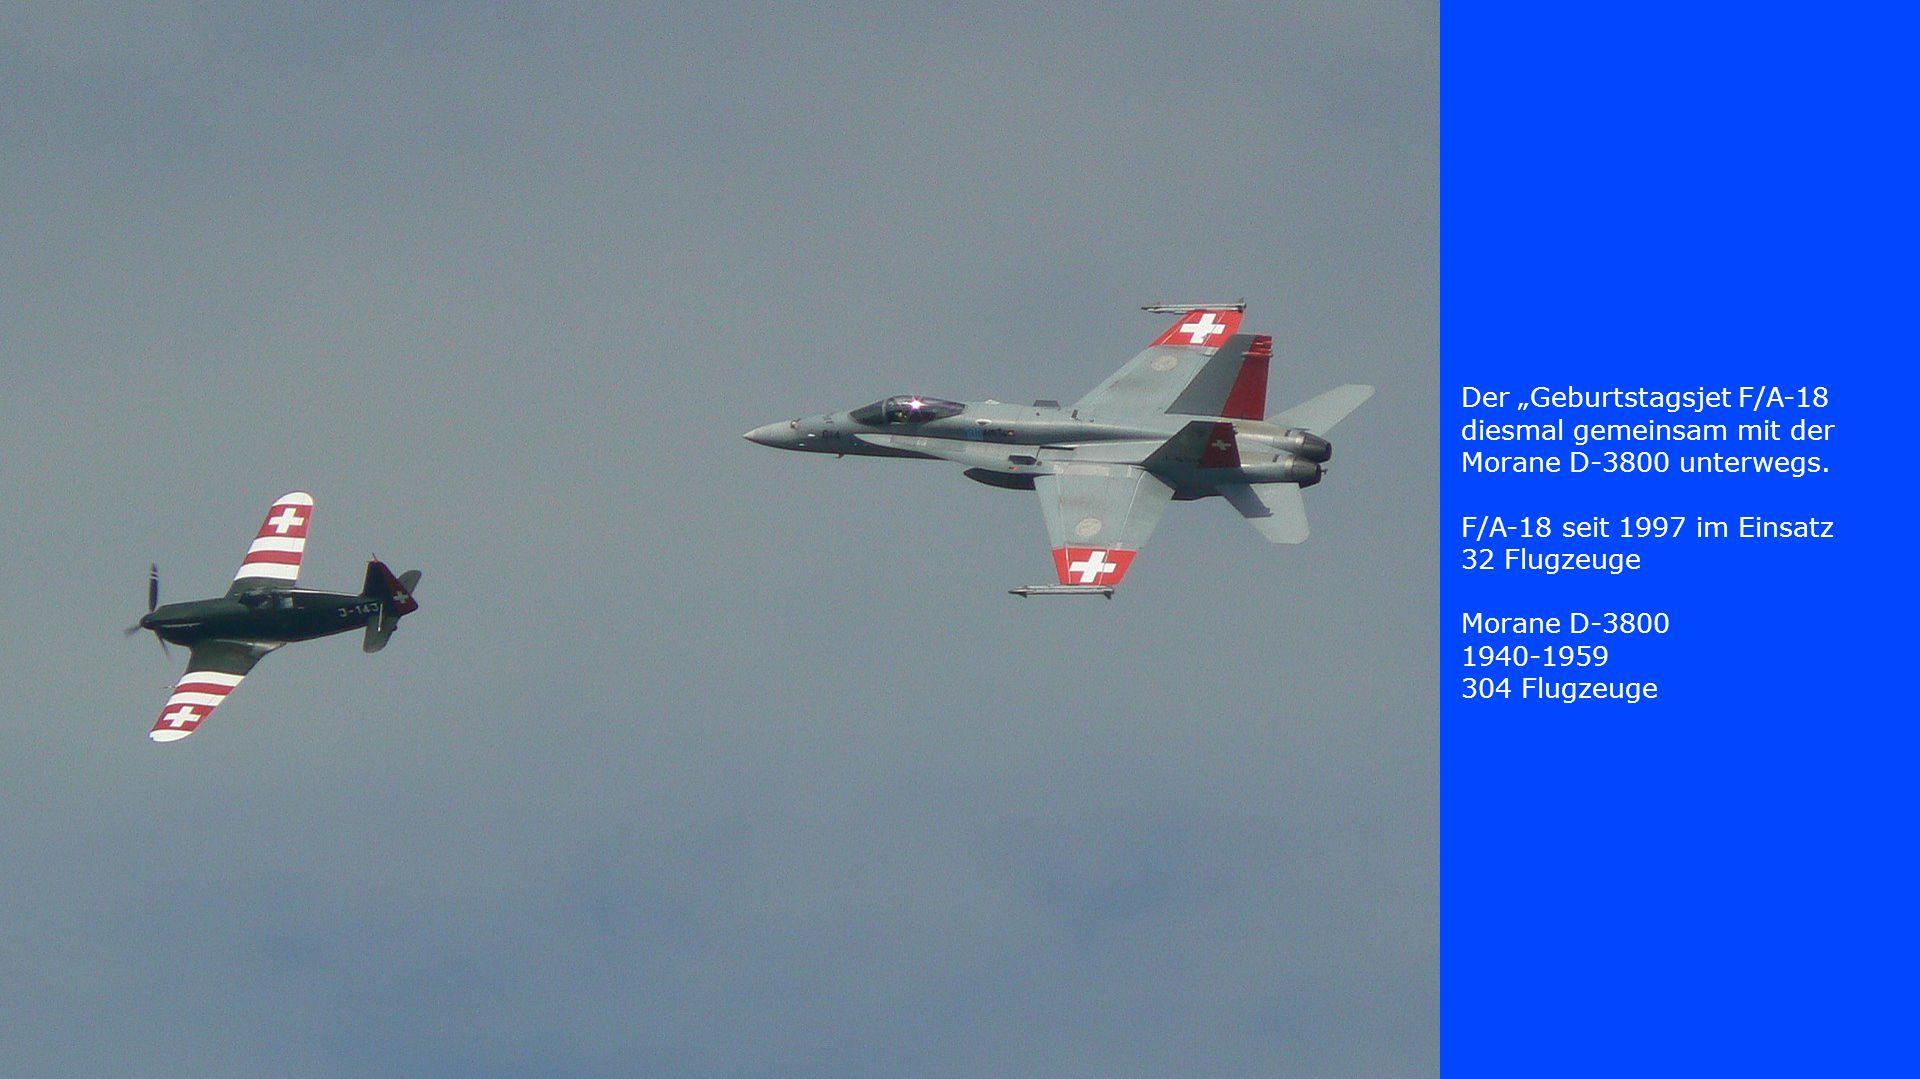 """Der """"Geburtstagsjet F/A-18 diesmal gemeinsam mit der Morane D-3800 unterwegs."""